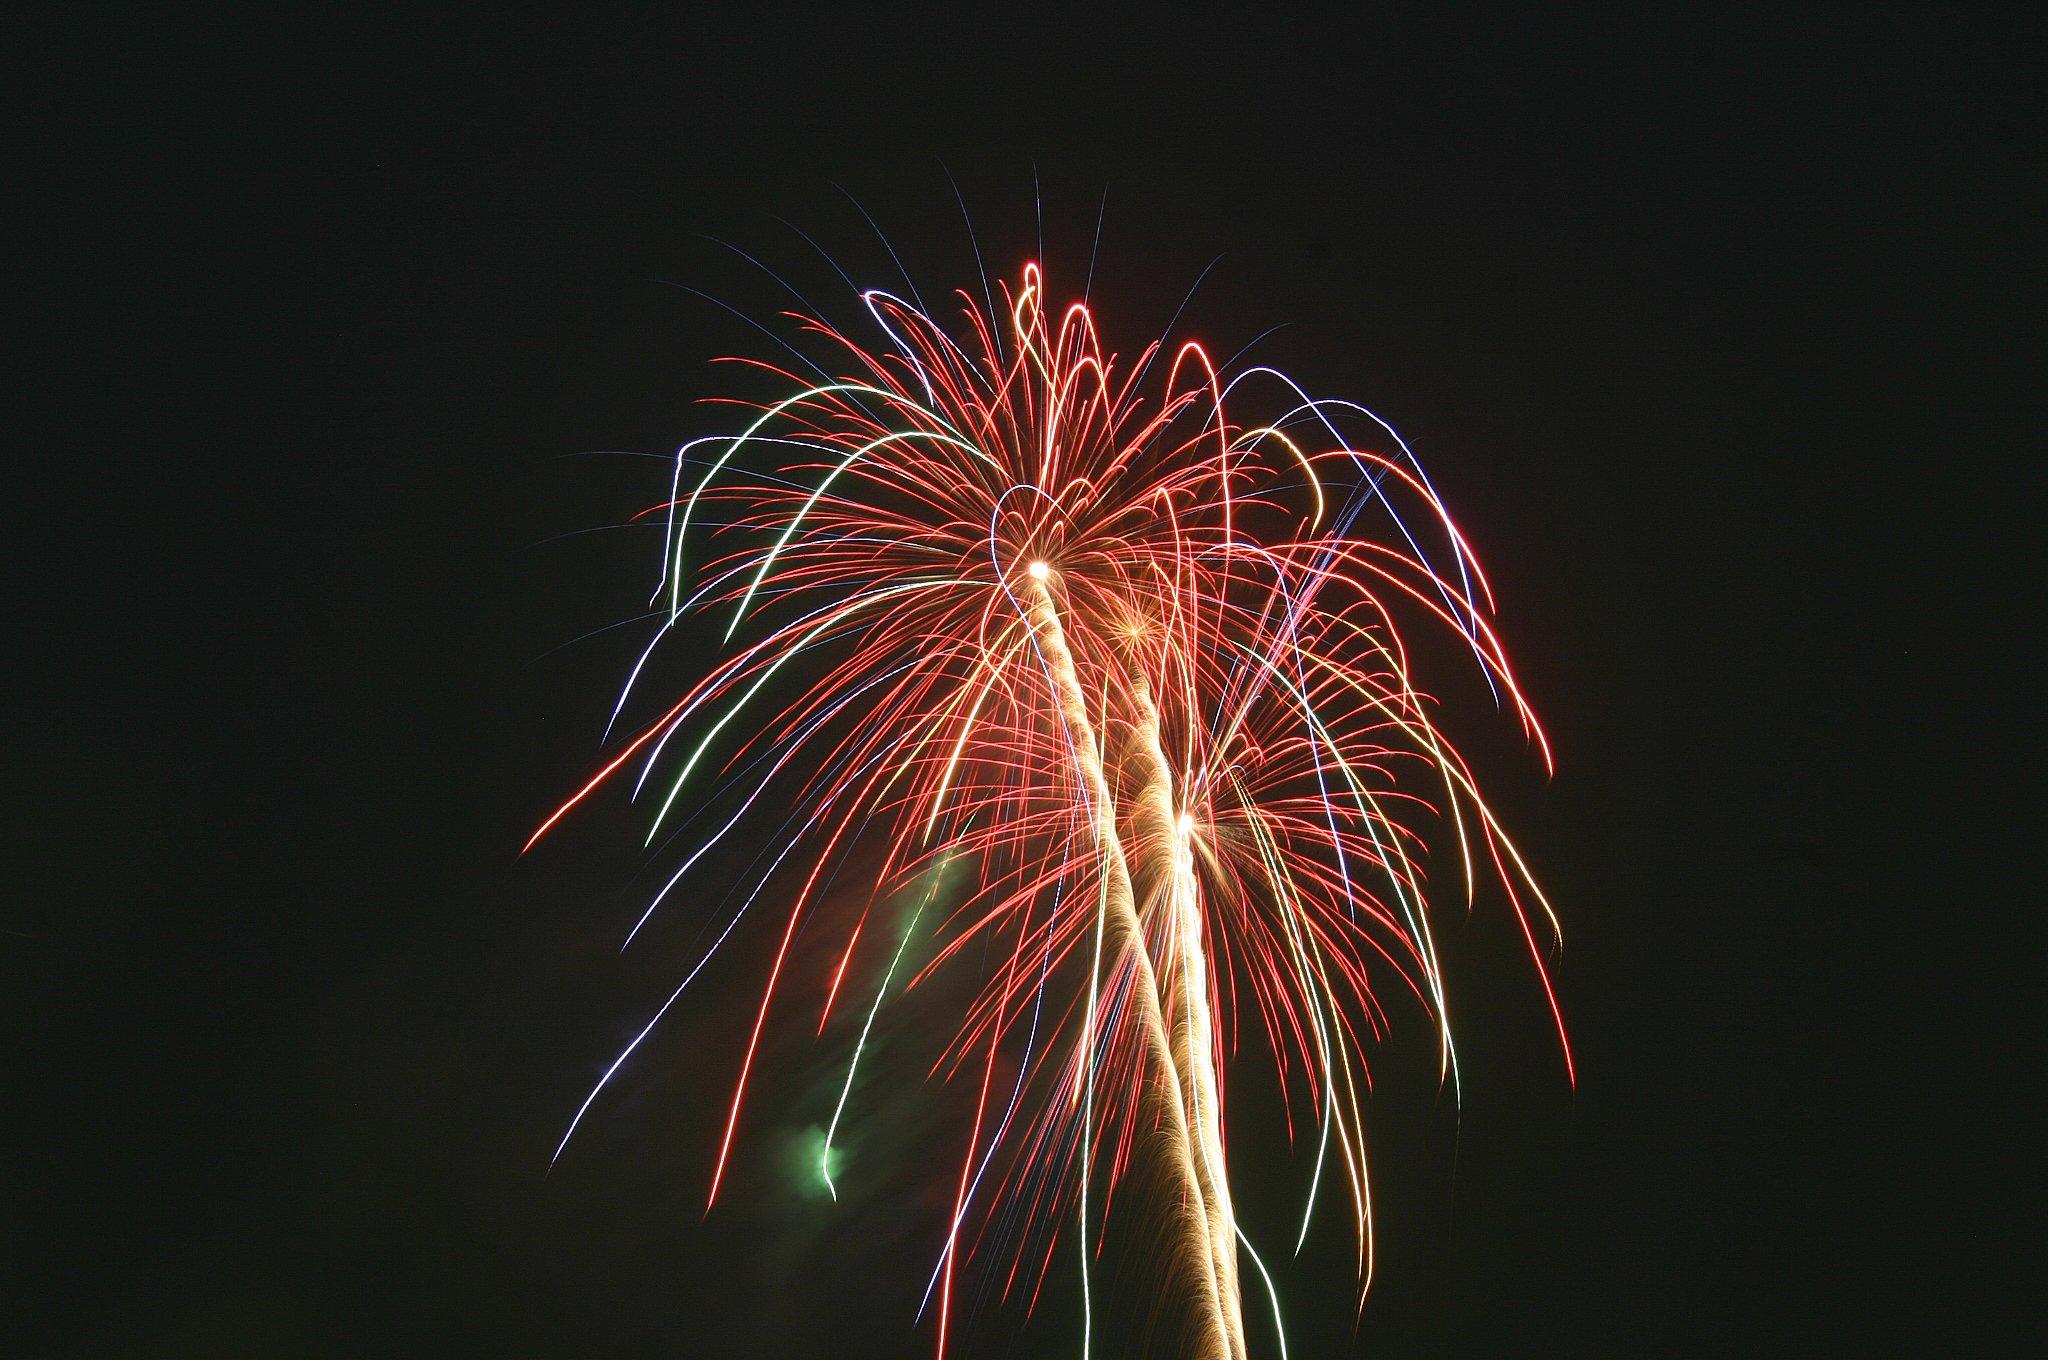 とても大きな打ち上げ花火